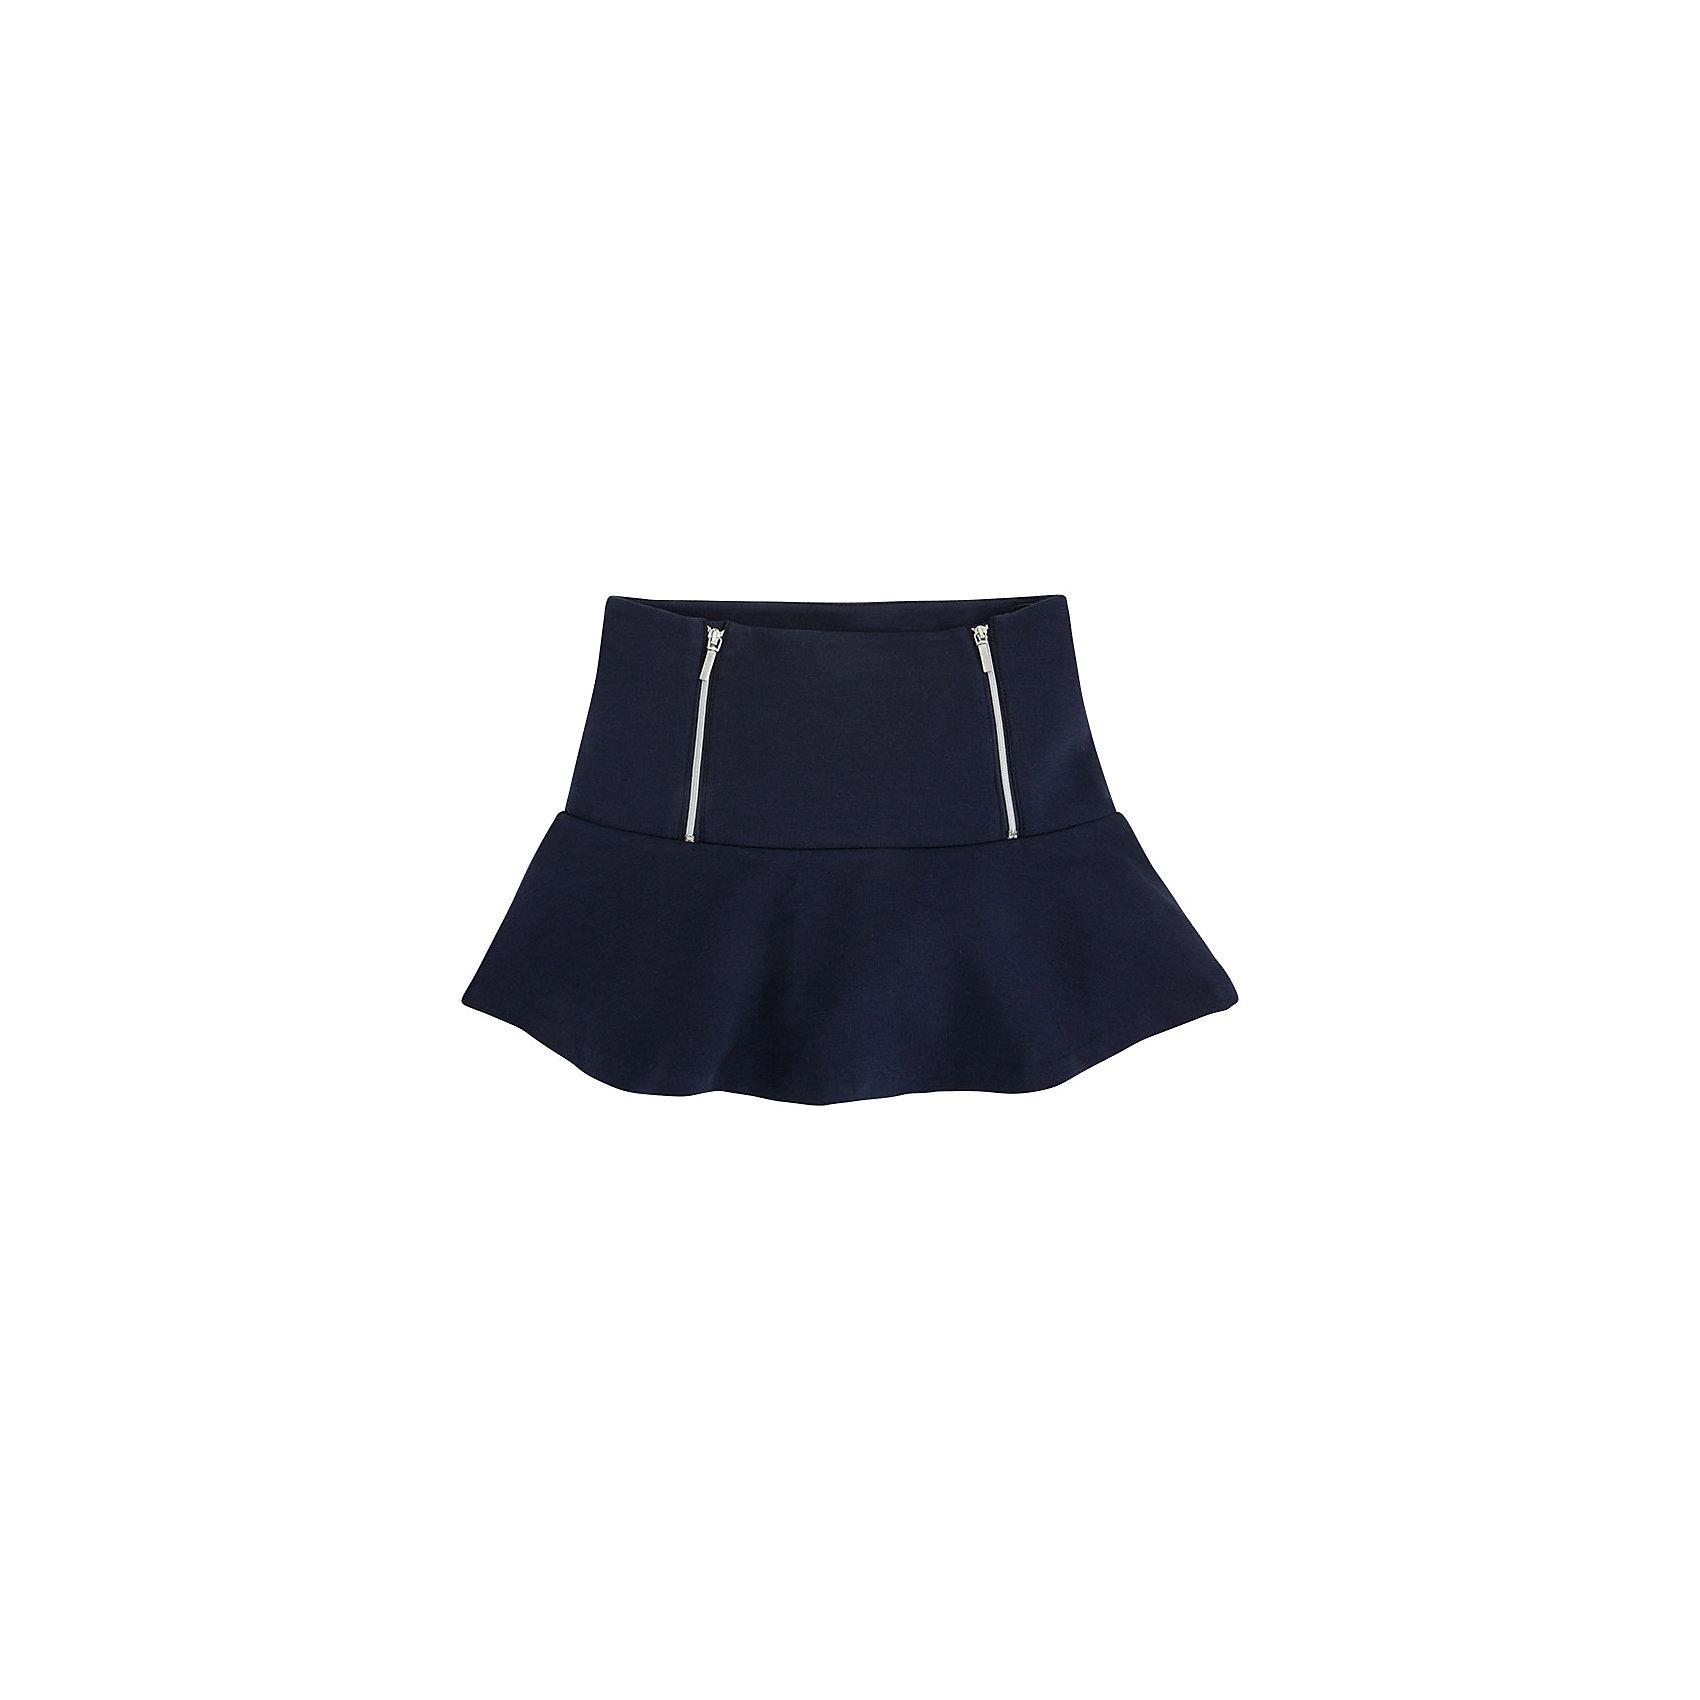 Юбка MayoralЮбка от известной испанской марки Mayoral.<br>Удобная трикотажная юбка от известного бренда Mayoral поможет девочке создать и повседневный, и нарядный образ. Удобный крой и качественный материал обеспечит ребенку комфорт при ношении этой вещи.<br>Модель имеет следующие особенности:<br><br>- темно-синего цвета эластичный материал;<br>- внизу -  широкий волан;<br>- на поясе - две серебристых молнии.<br><br>Состав: 83% полиэстер, 10% хлопок, 7% эластан<br><br>Уход за изделием:<br><br>стирка в машине при температуре до 30°С,<br>не отбеливать.<br><br>Юбку Mayoral (Майорал) можно купить в нашем магазине.<br><br>Ширина мм: 207<br>Глубина мм: 10<br>Высота мм: 189<br>Вес г: 183<br>Цвет: синий<br>Возраст от месяцев: 156<br>Возраст до месяцев: 168<br>Пол: Женский<br>Возраст: Детский<br>Размер: 164,128,140,152,158<br>SKU: 4190521